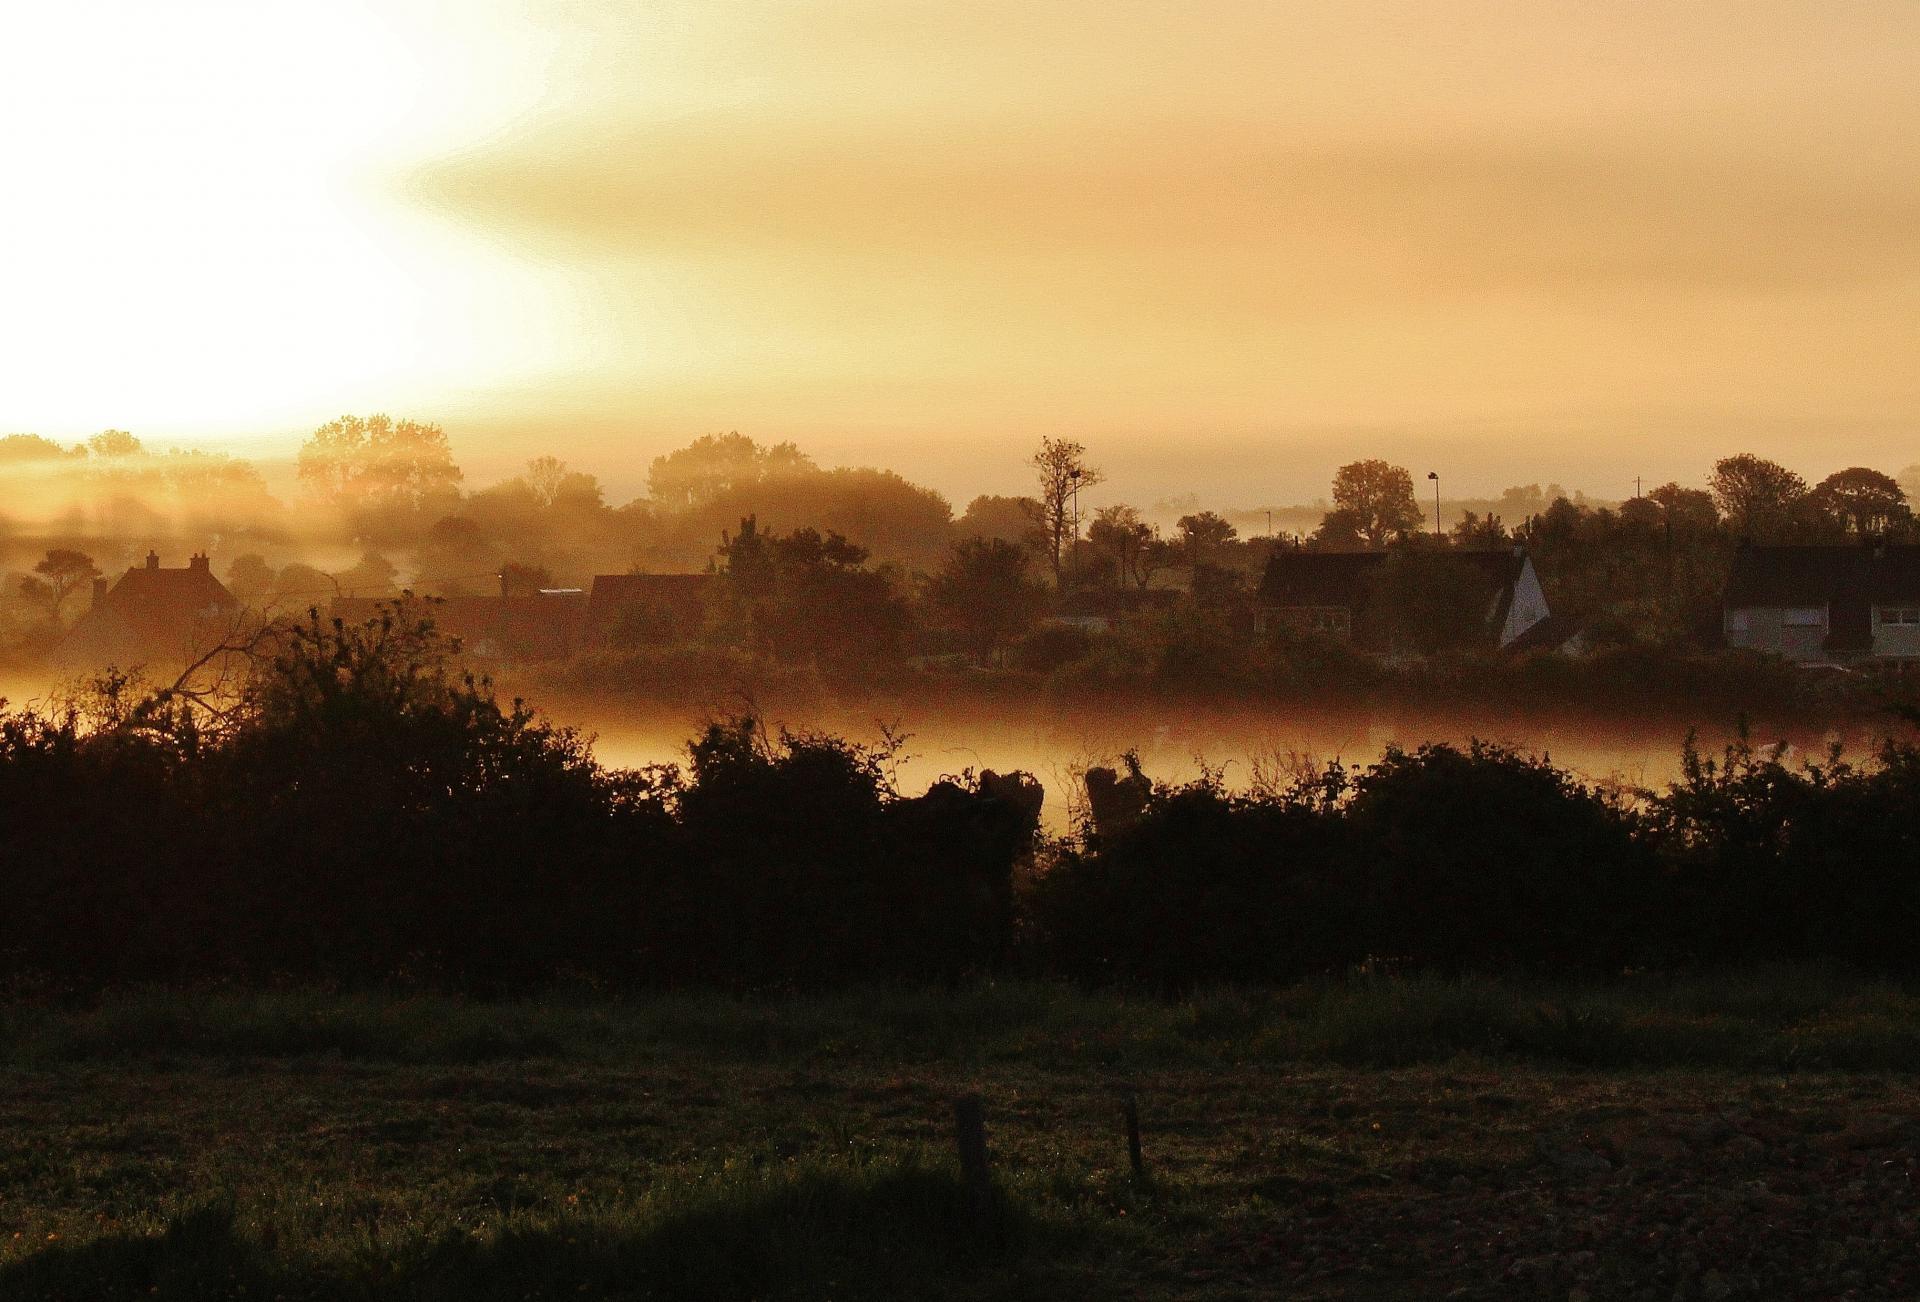 Top photo conteville les boulogne au lever du soleil la brume stagne au sol